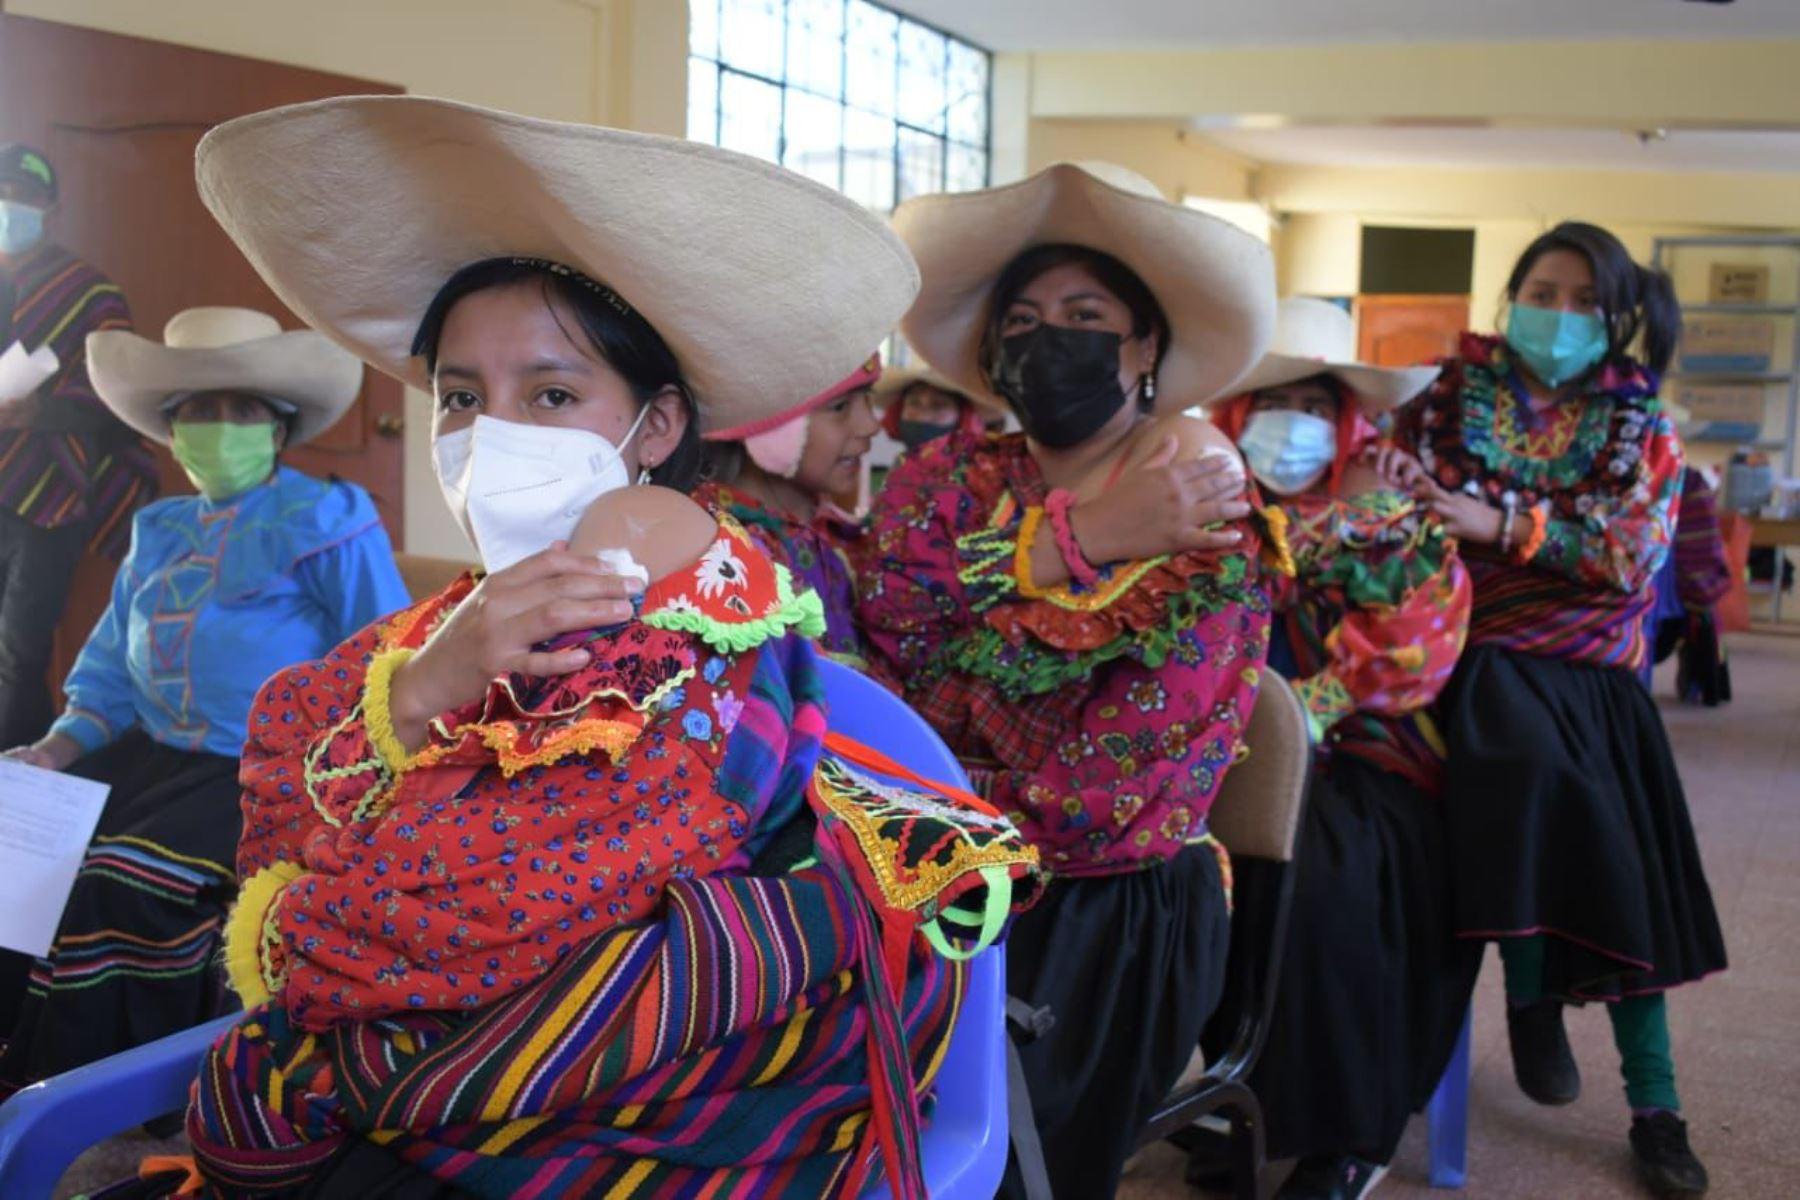 En Lambayeque, los pobladores de 18 años a más del distrito de Incahuasi, acuden a los centros de vacunación ubicados en Uyurpampa e Incahuasi para recibir la vacuna contra la Covid-19. Foto: ANDINA/MINSA